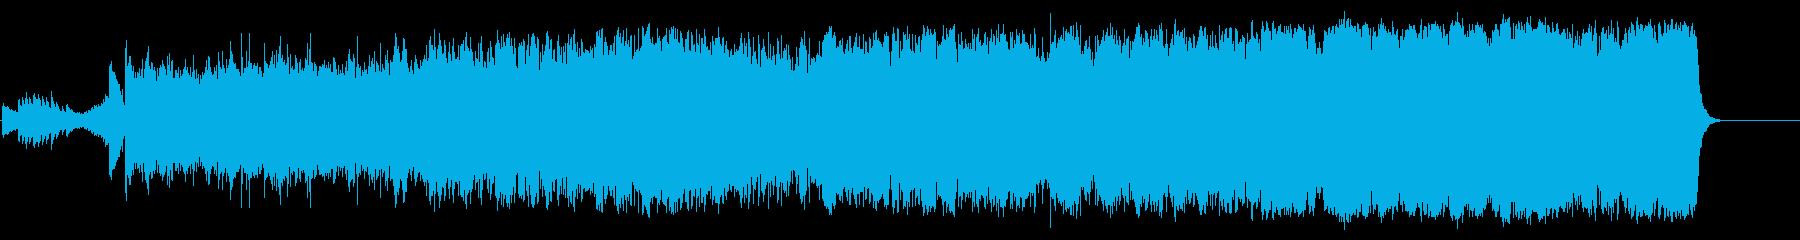 壮大な時代ドラマ風マイナーポップの再生済みの波形